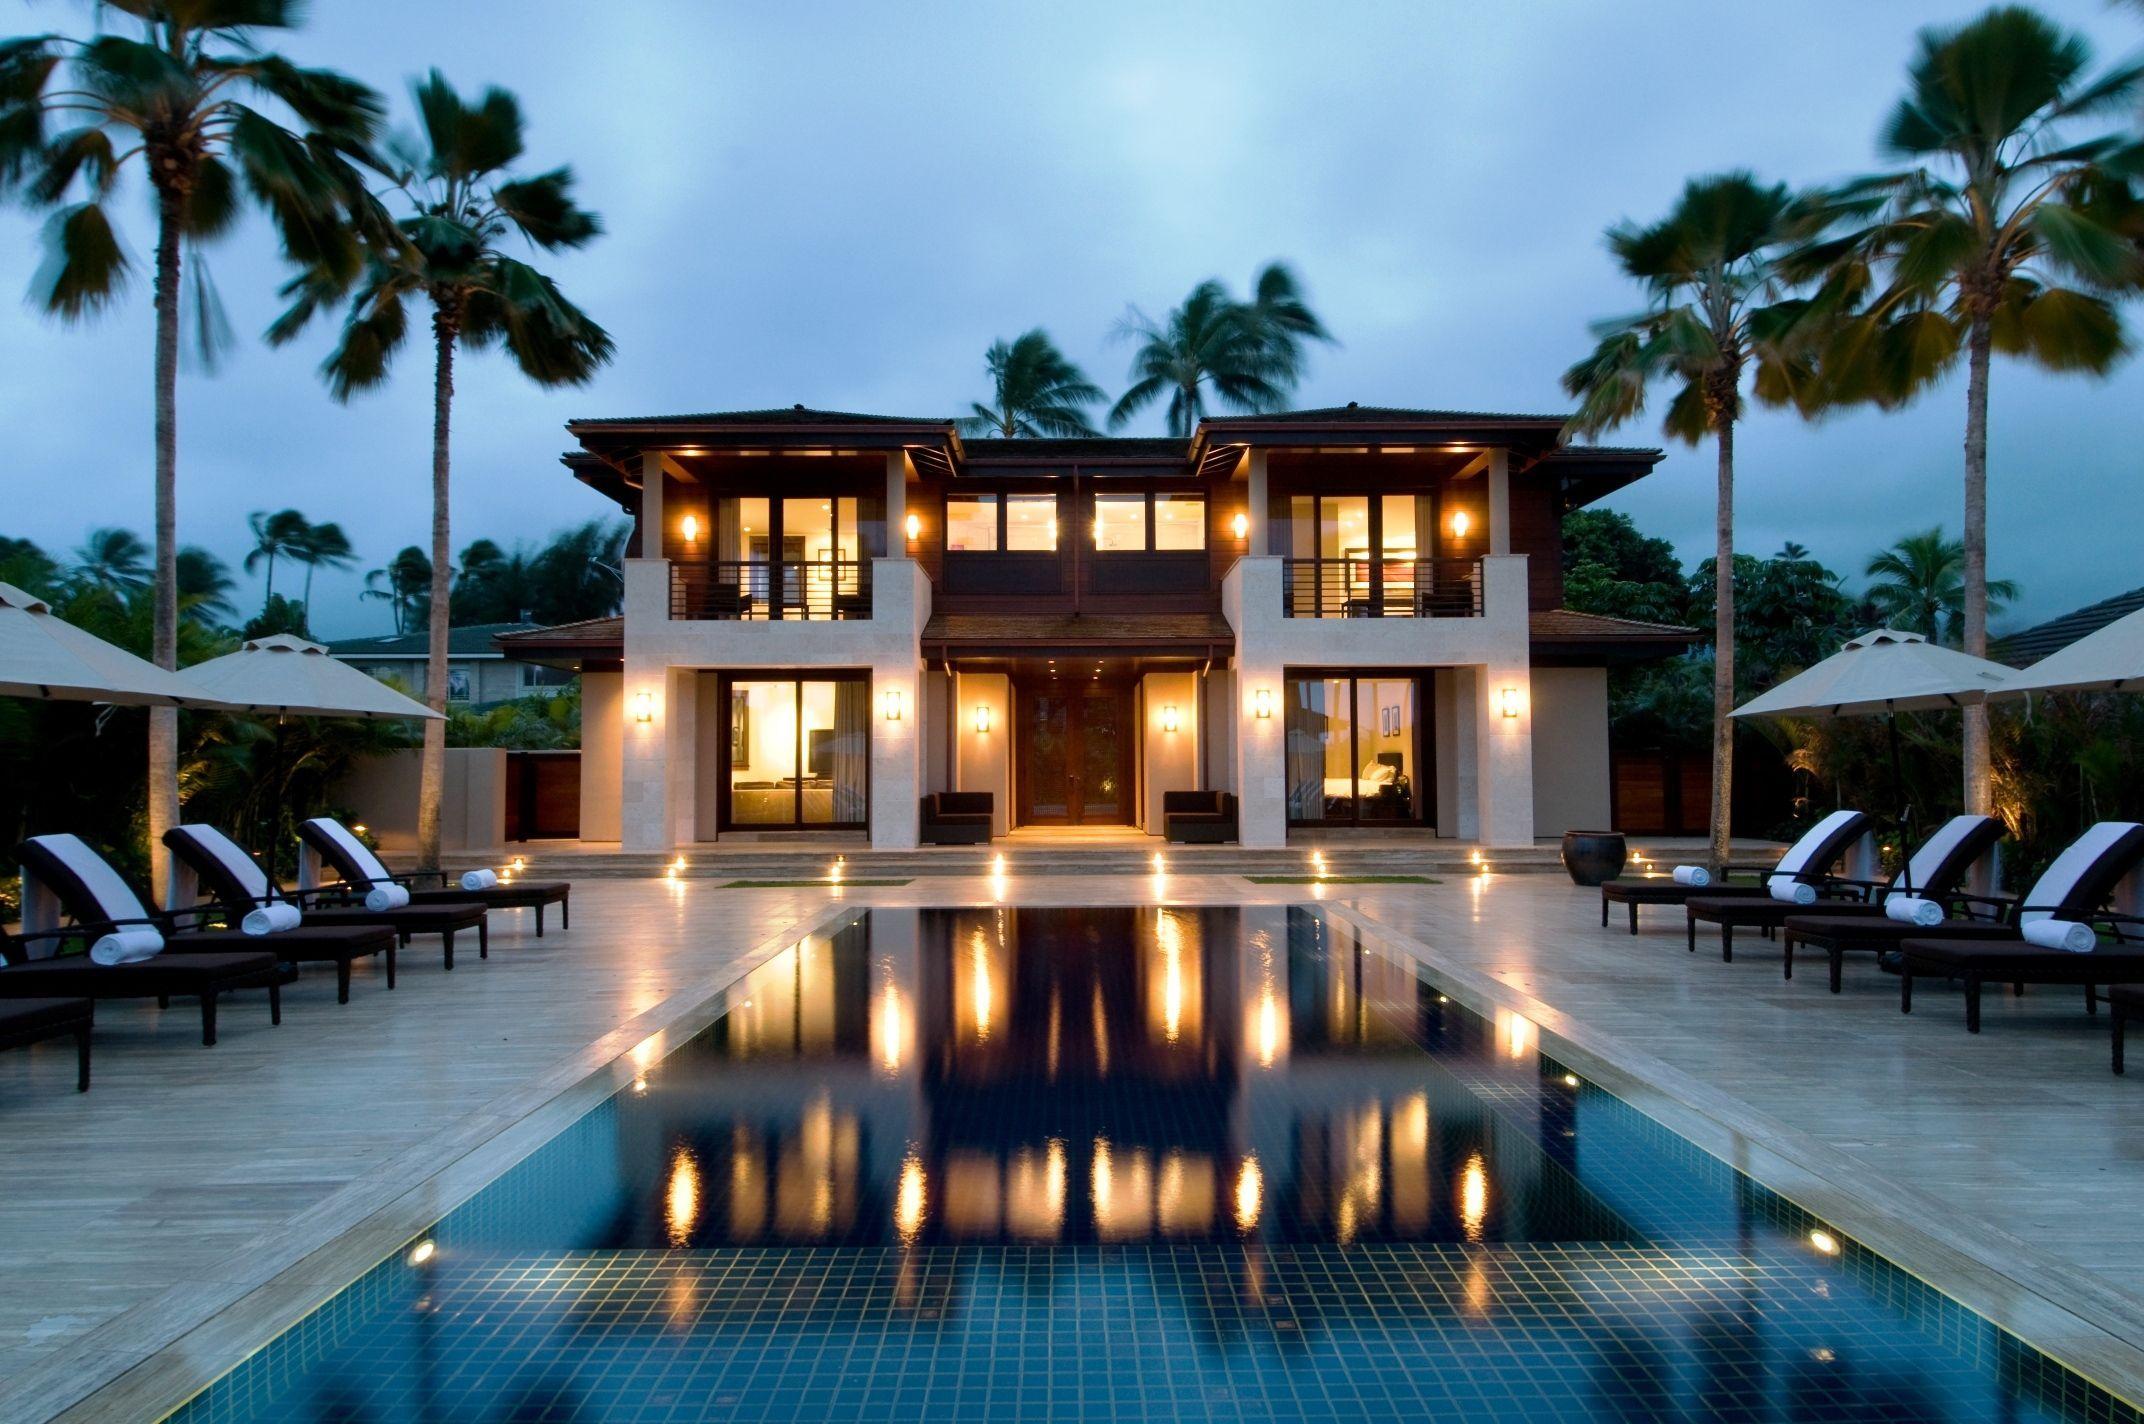 hawaiian houses beach hawaii